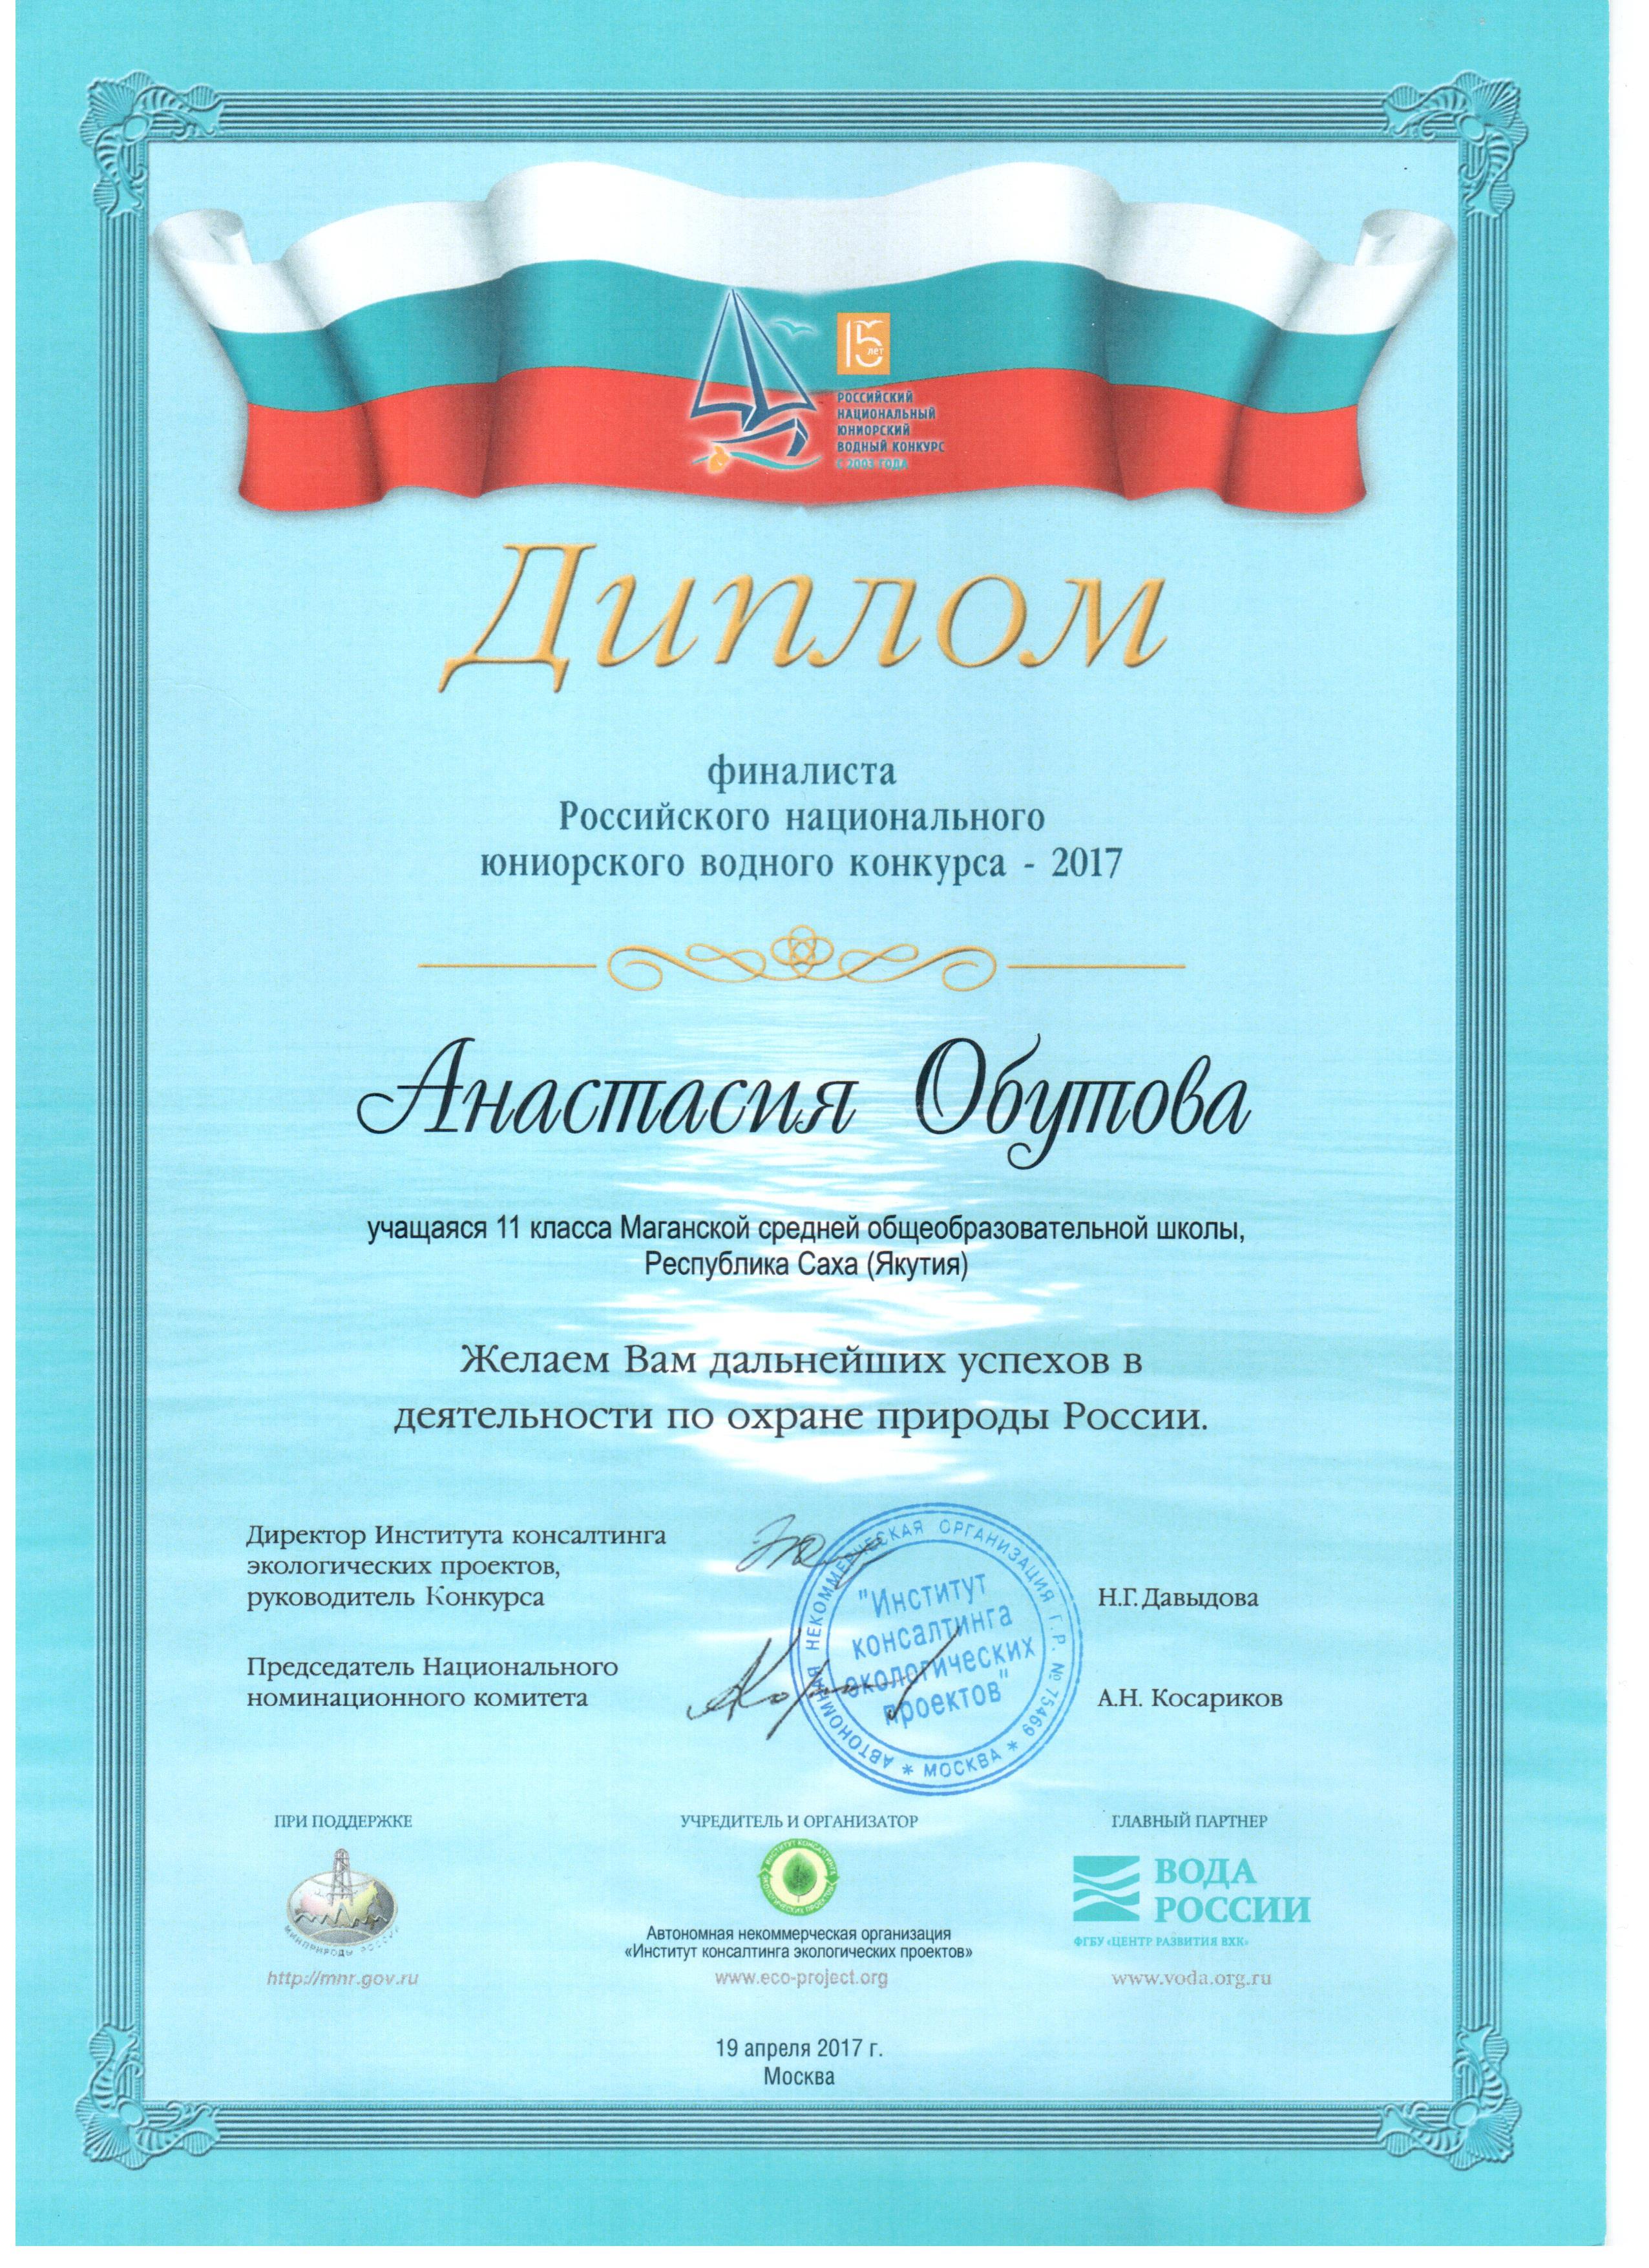 Всероссийский юниорский водный конкурс 2017